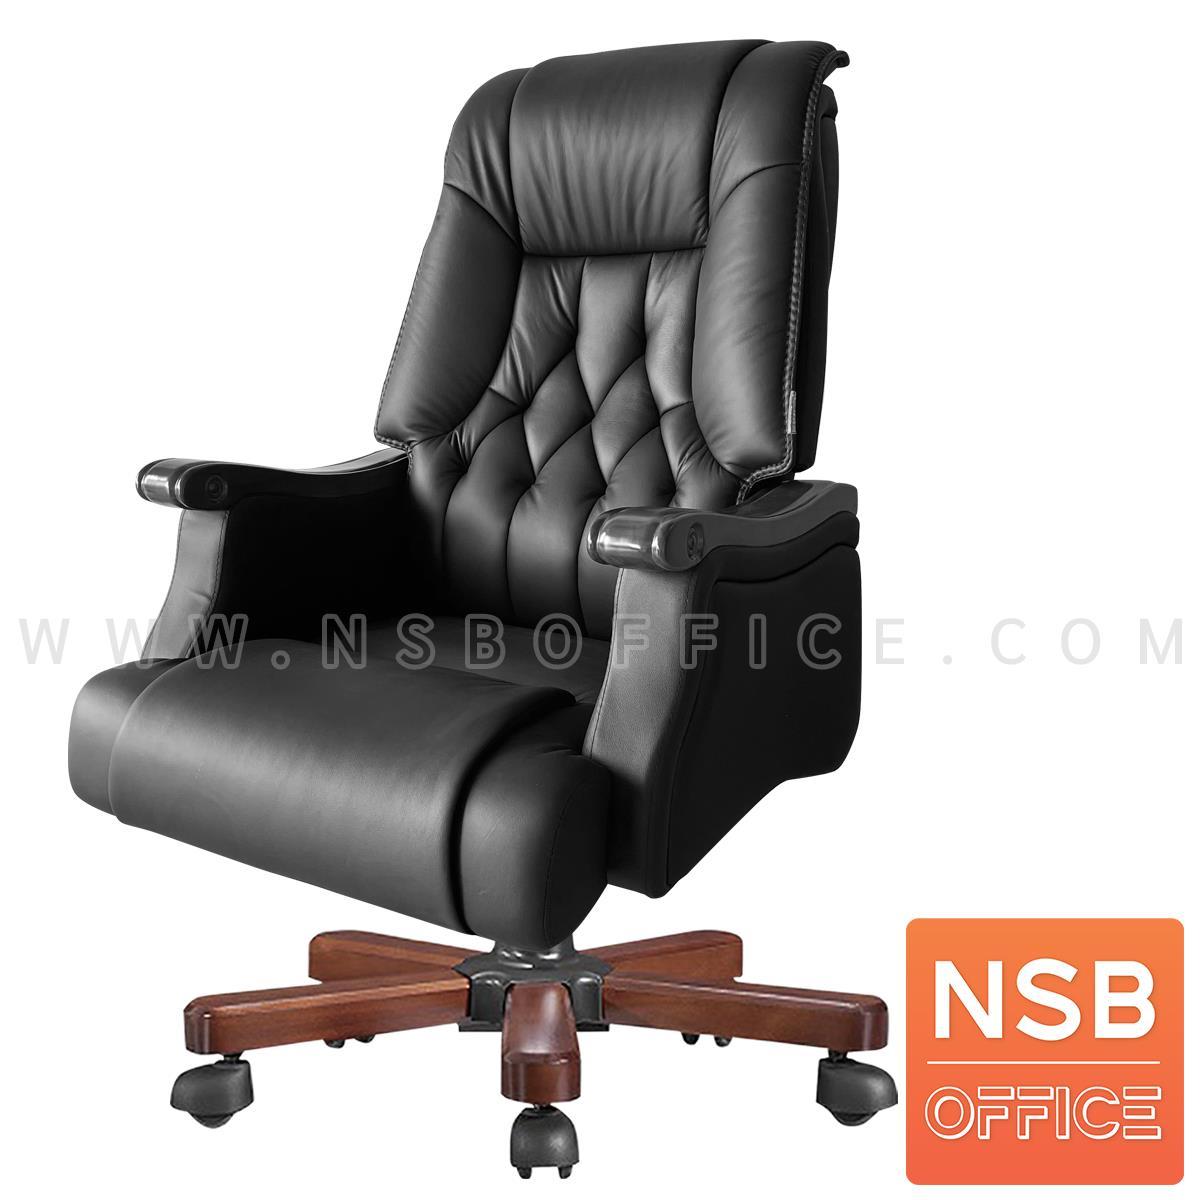 B25A157:เก้าอี้ผู้บริหารหนังแท้ รุ่น Fairview (แฟร์วิว)  แขน-ขาไม้